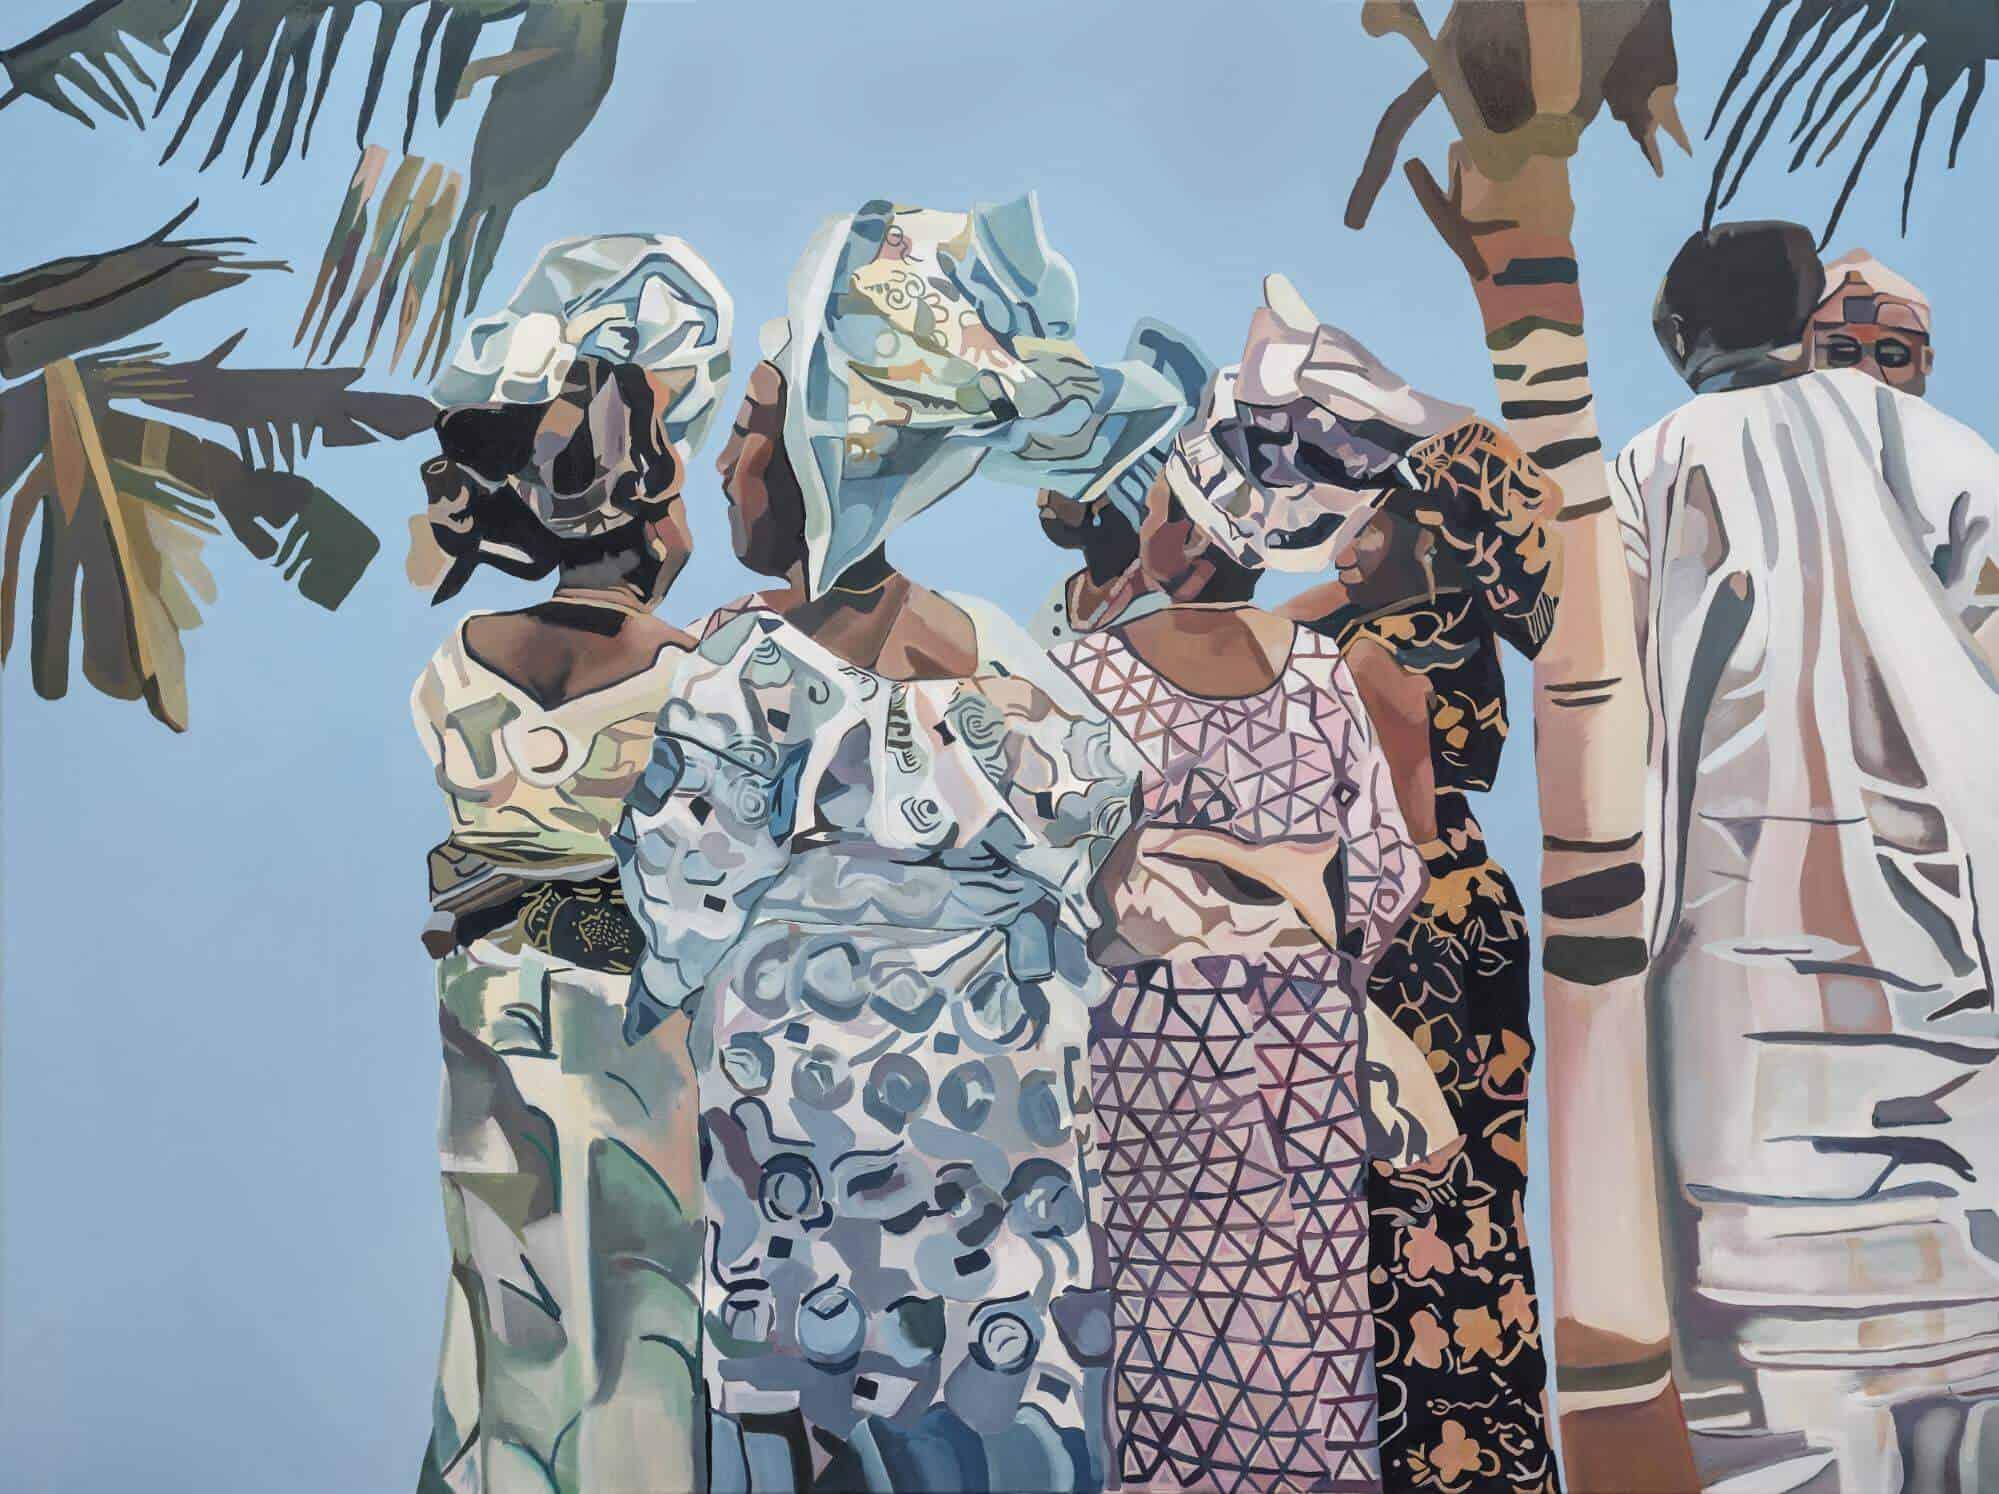 oy Labinjo, Ohne Titel, 2018. Mit freundlicher Genehmigung des Künstlers und Tiwani Contemporary.